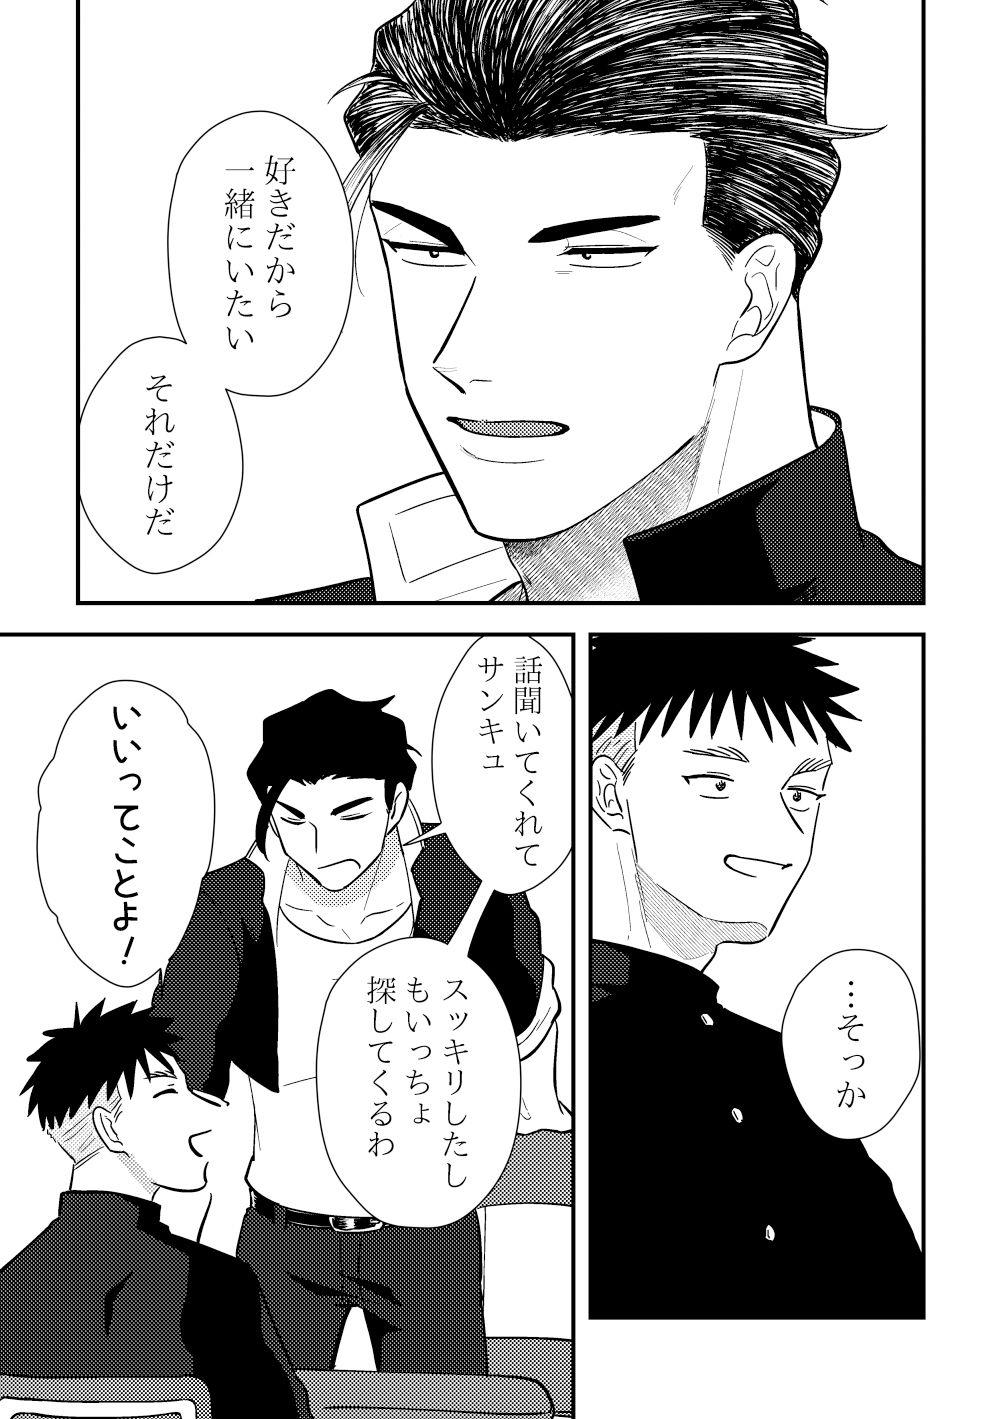 サンプル画像2:チャラ男と番長〜幸せになろうぜ編〜(豪放磊落) [d_188205]